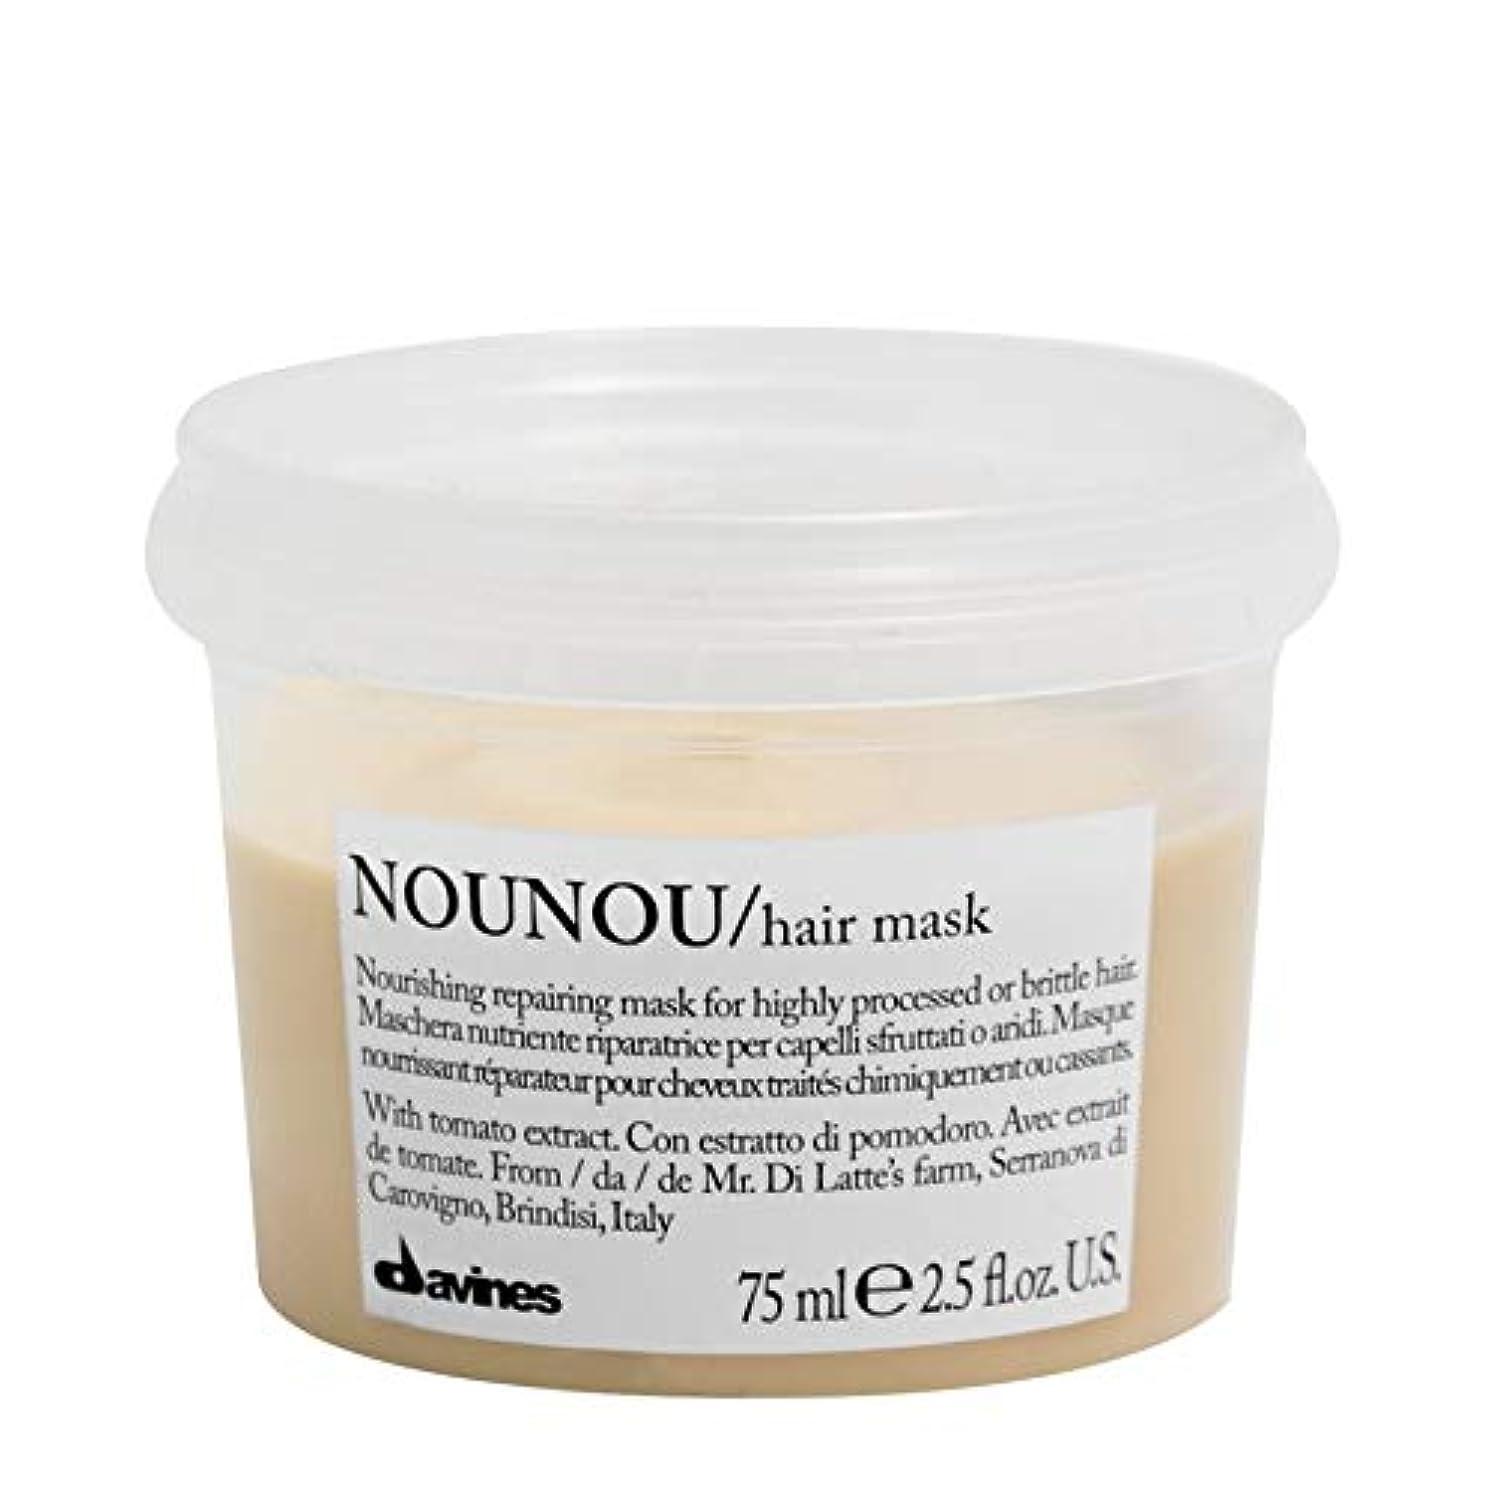 真面目な意識的加速度[Davines ] ヘアマスク75ミリリットルノウノウダヴィネス - Davines NouNou Hair Mask 75ml [並行輸入品]